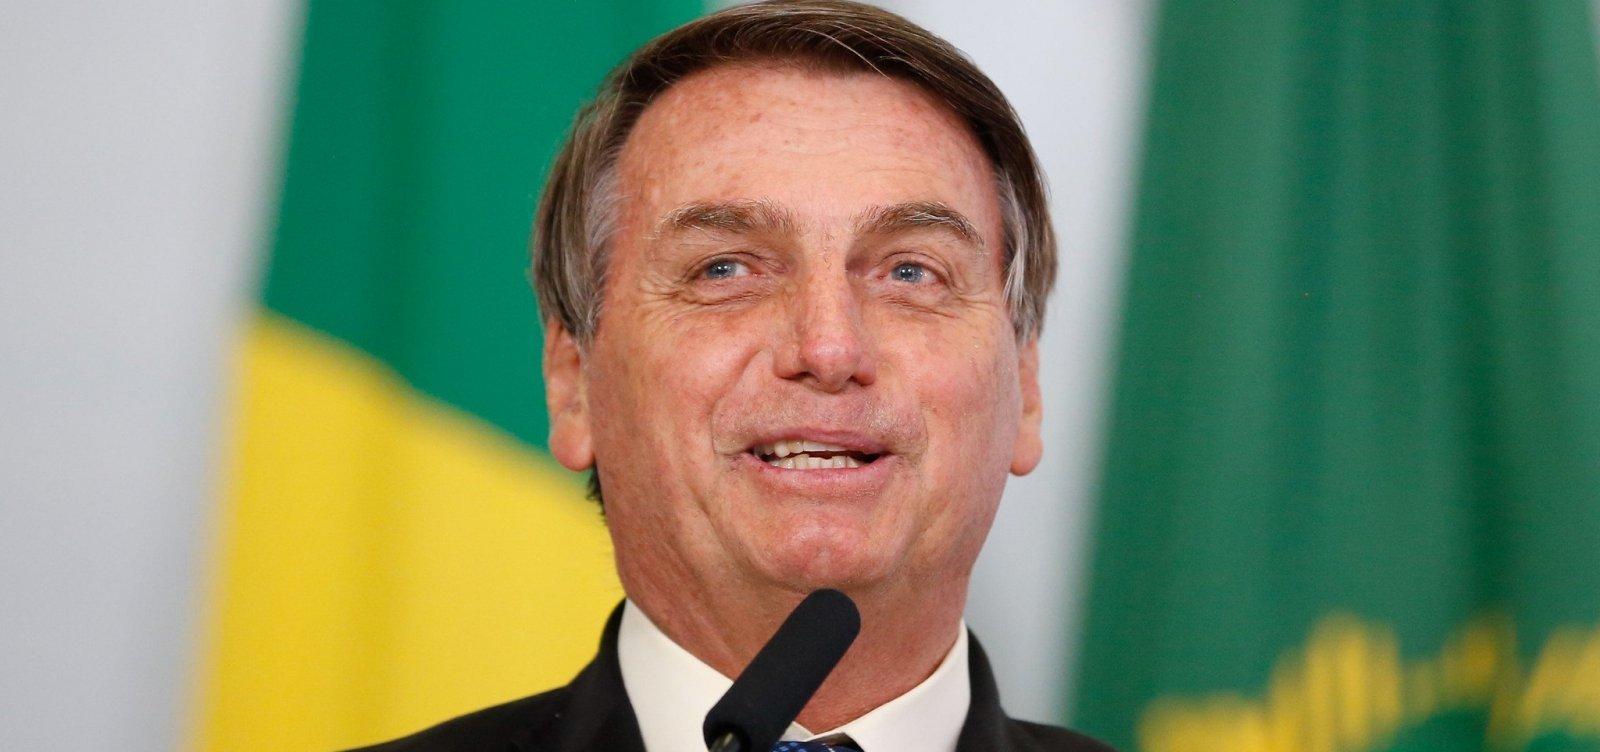 ['No que depender de mim, nunca teremos lockdown', diz Bolsonaro]